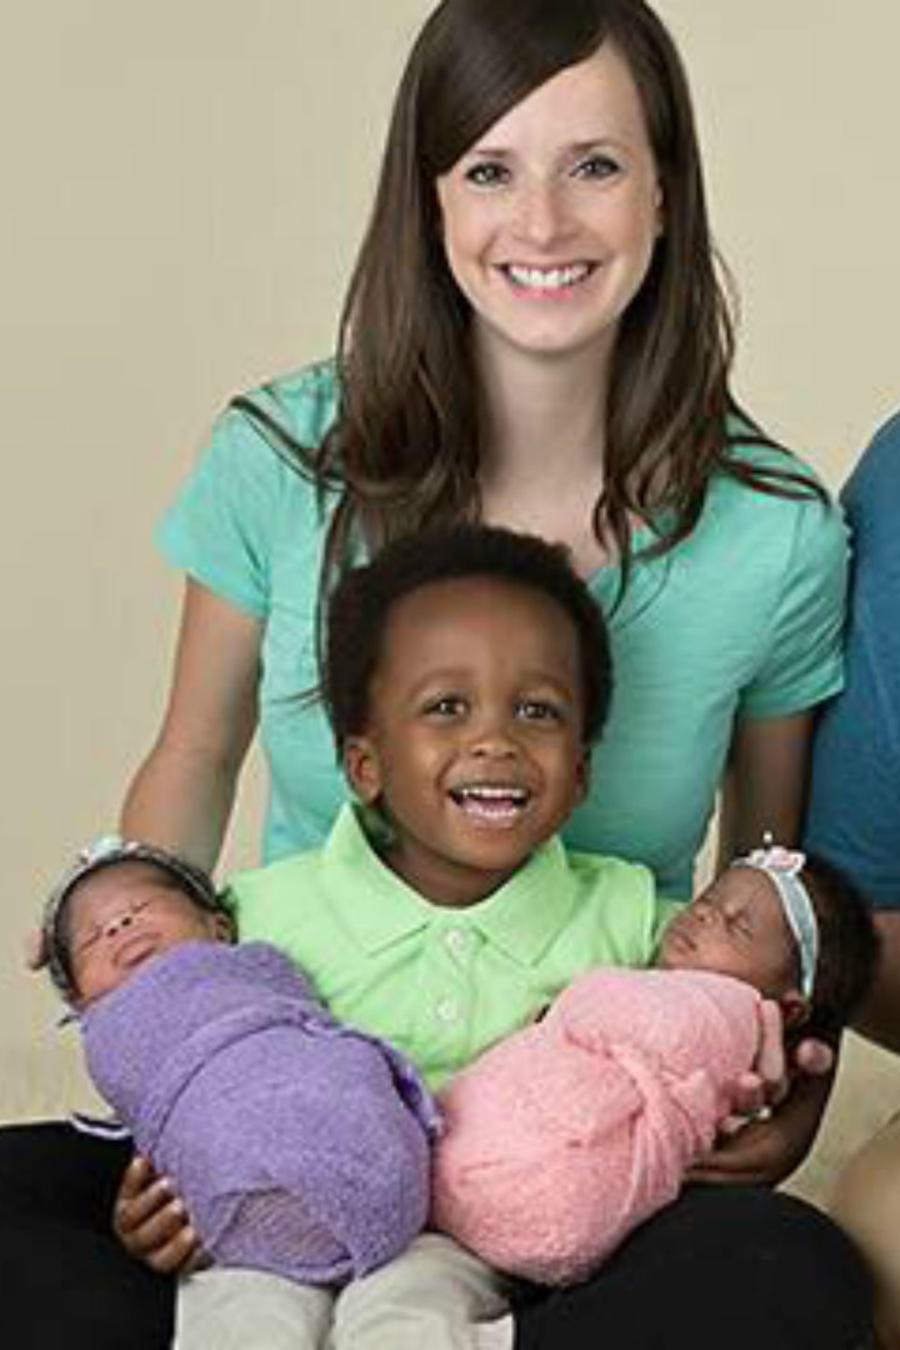 Familia Halbert sonriendo